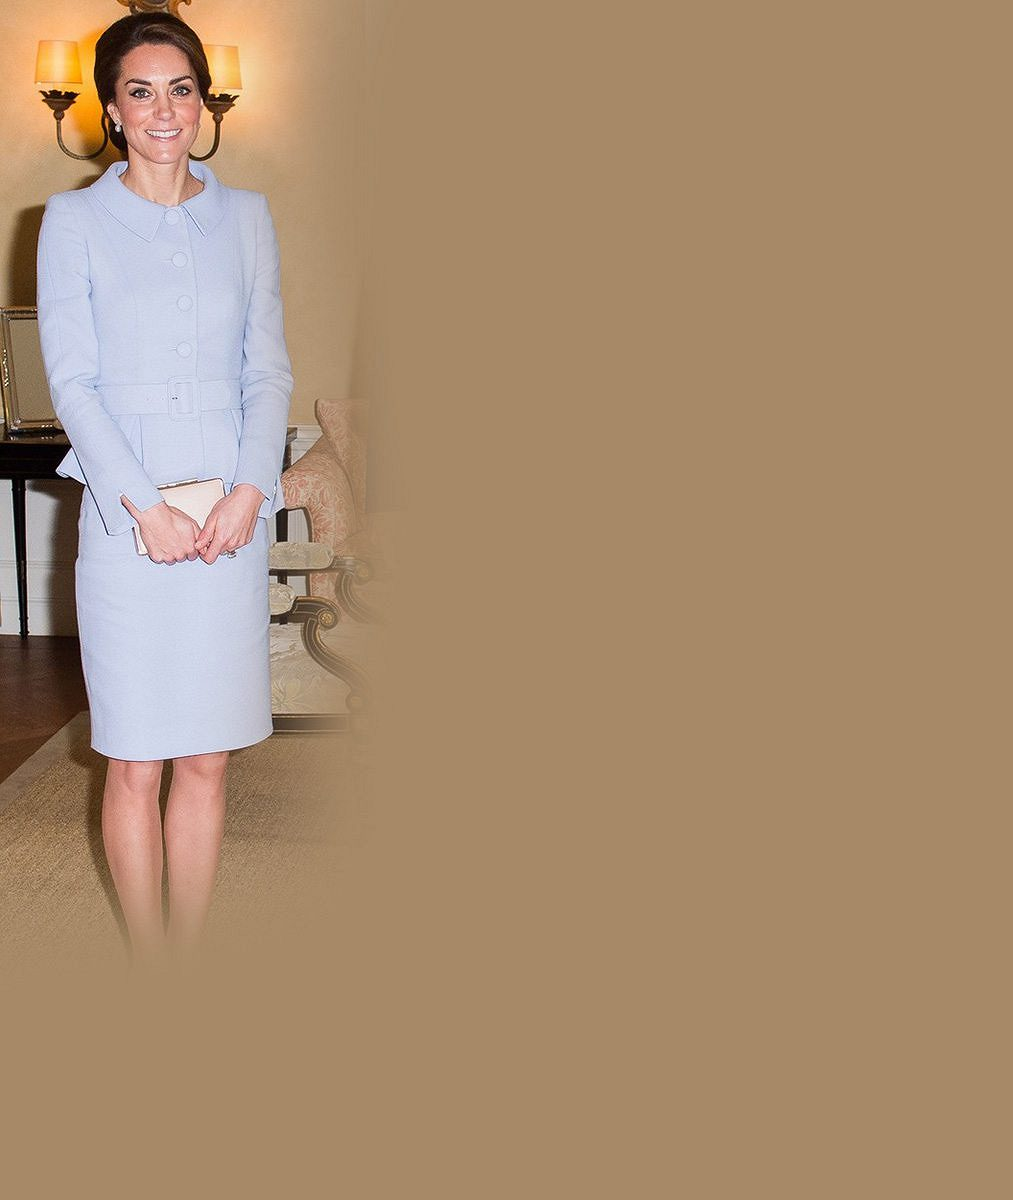 Královský palác nemůže nic namítat: Vévodkyni Kate ztvární ve filmu tato krásná herečka